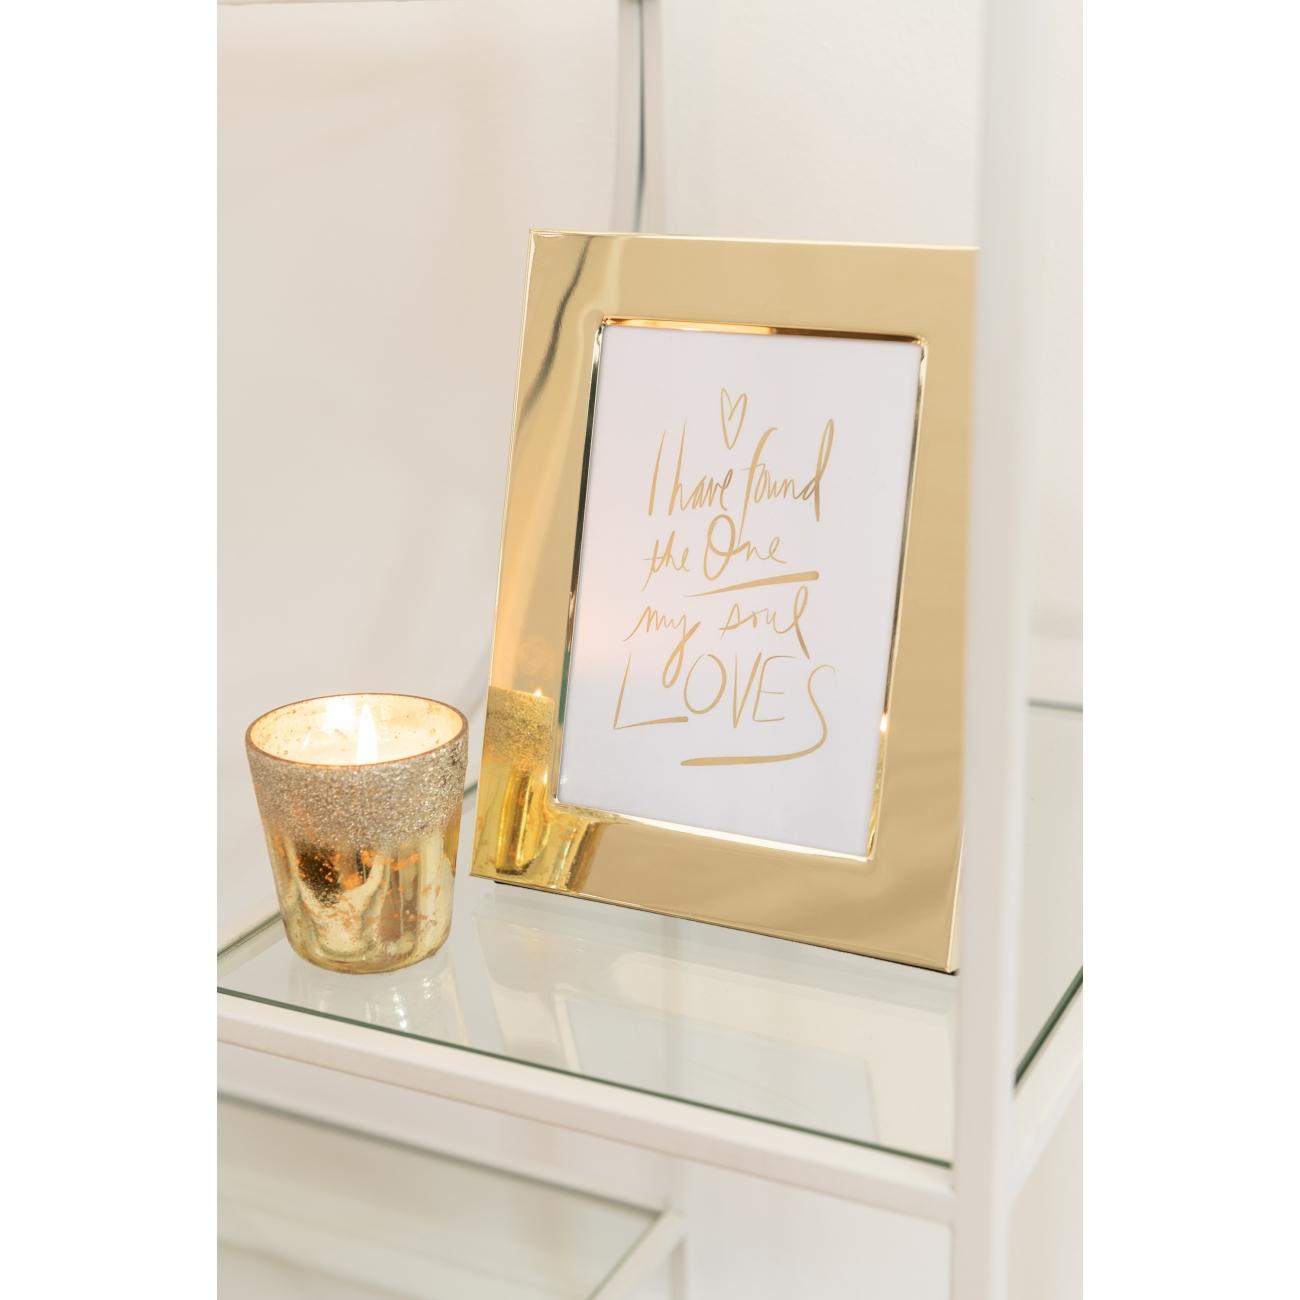 Фоторамка J-LINE металлическая зеркальная золотого цвета 13х18 см Бельгия